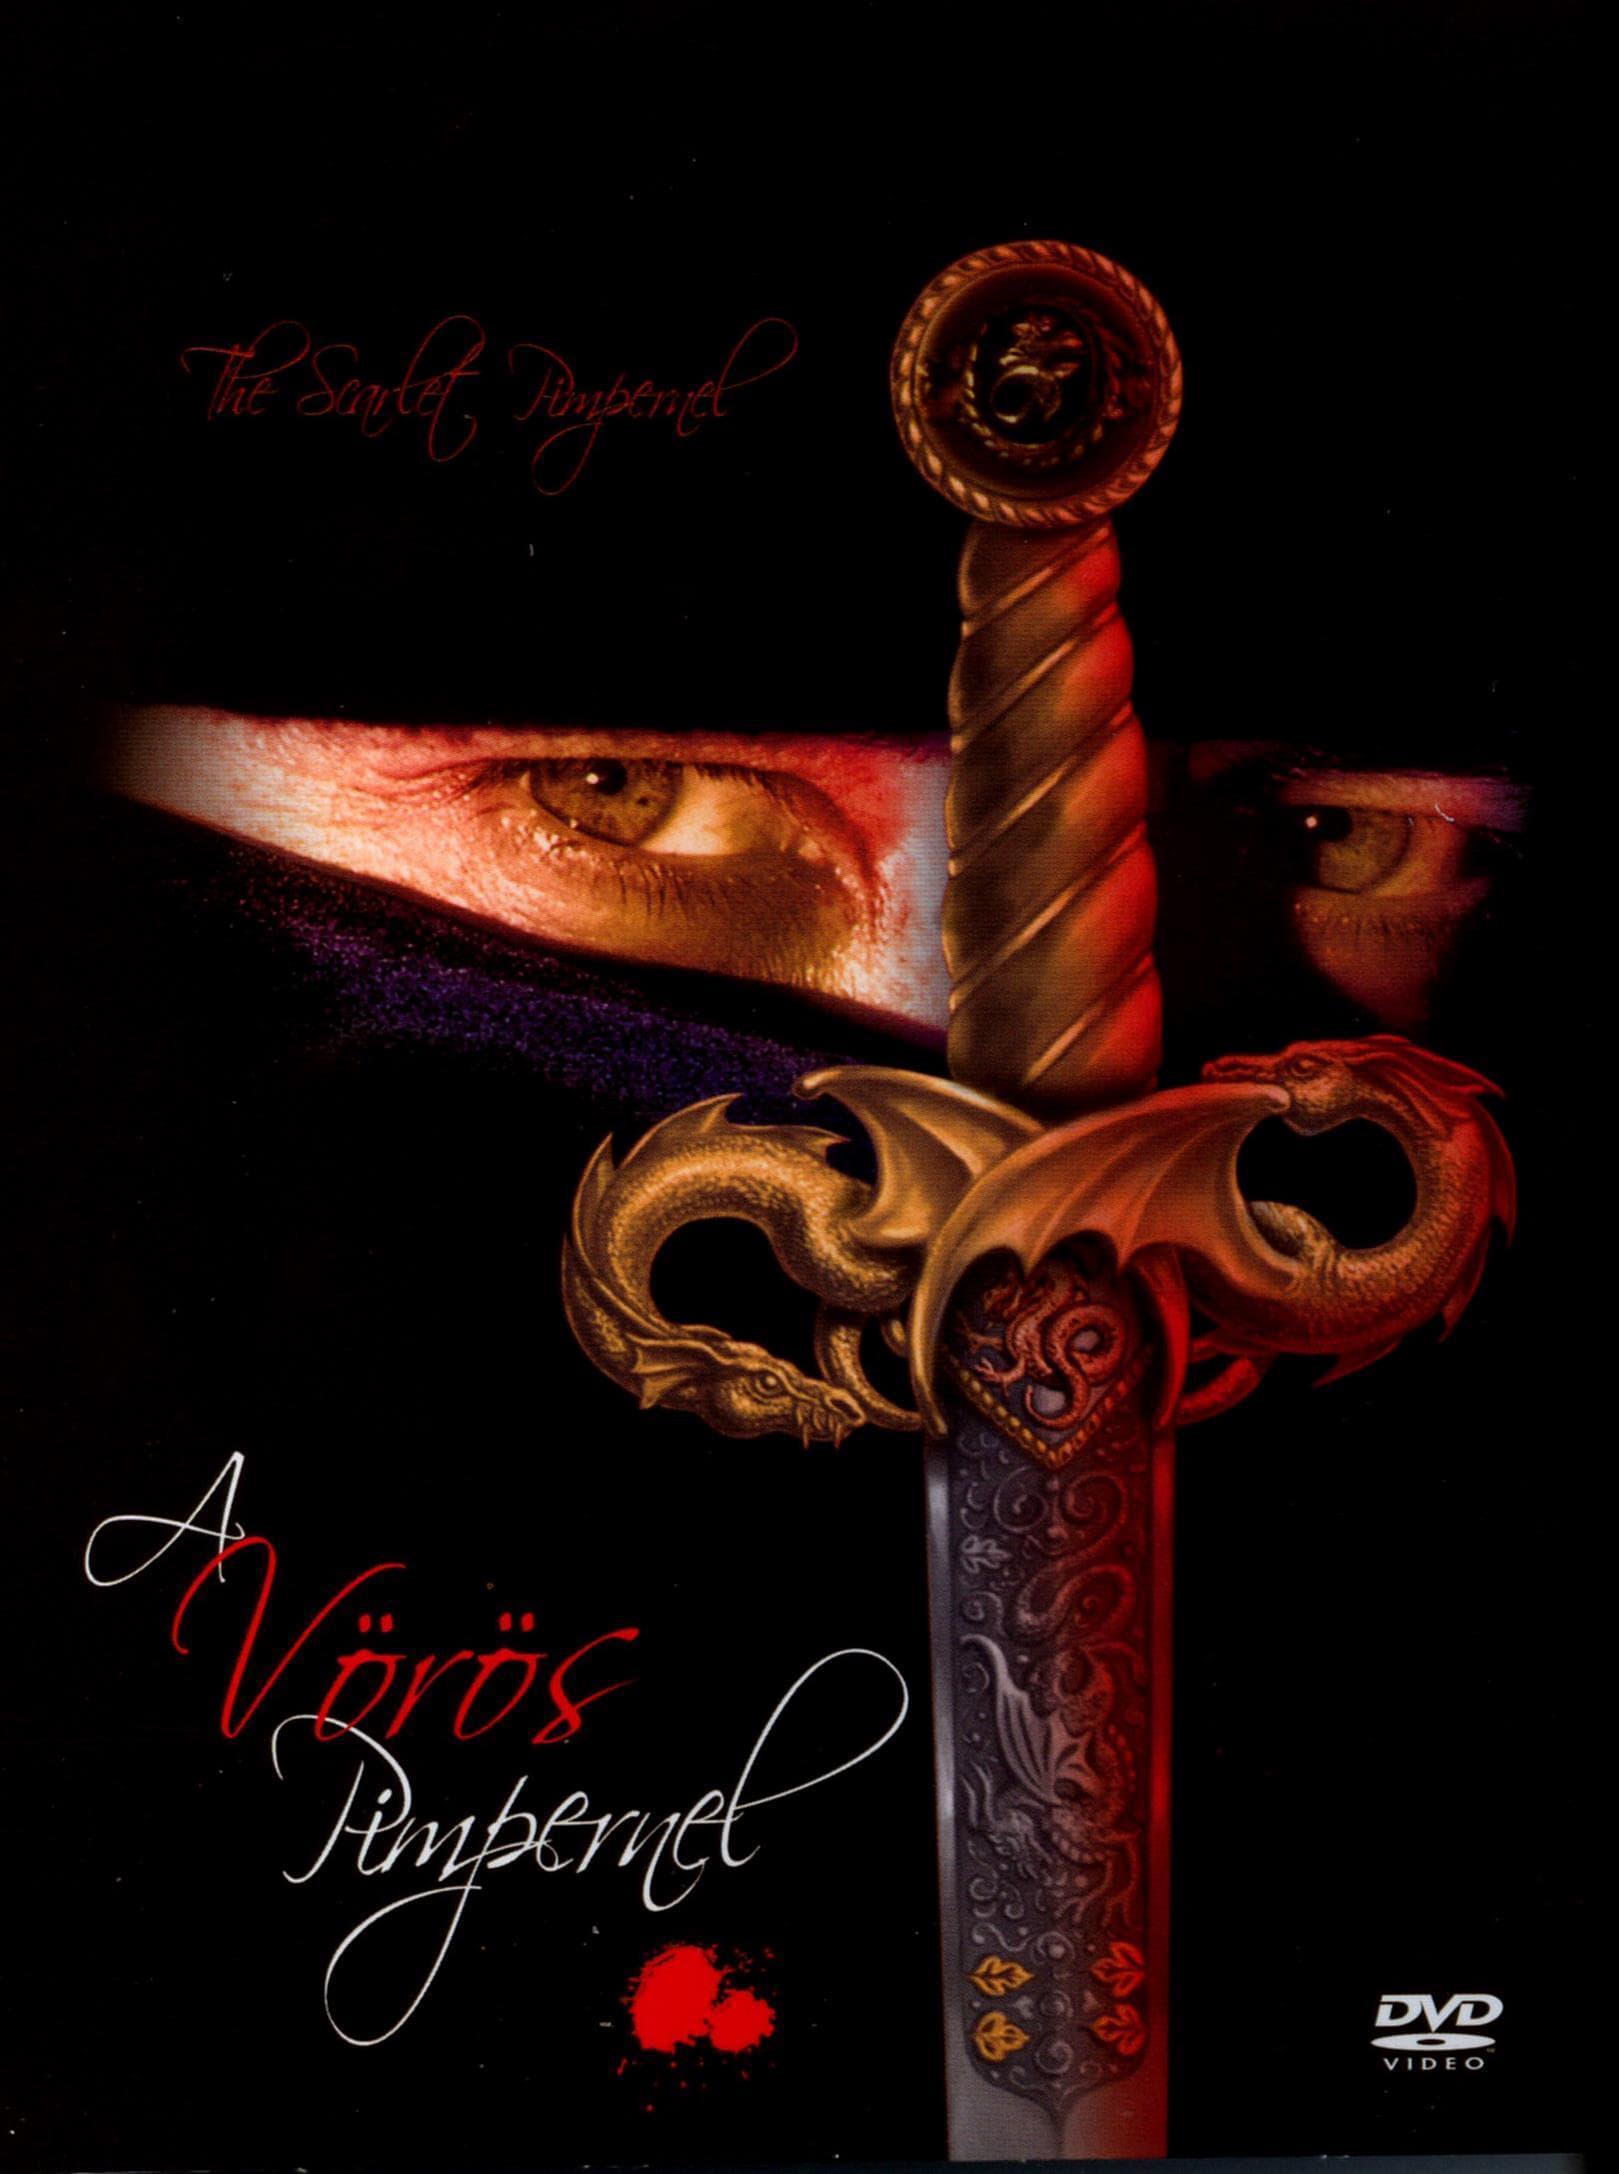 The Scarlet Pimpernel TV Shows About Vigilante